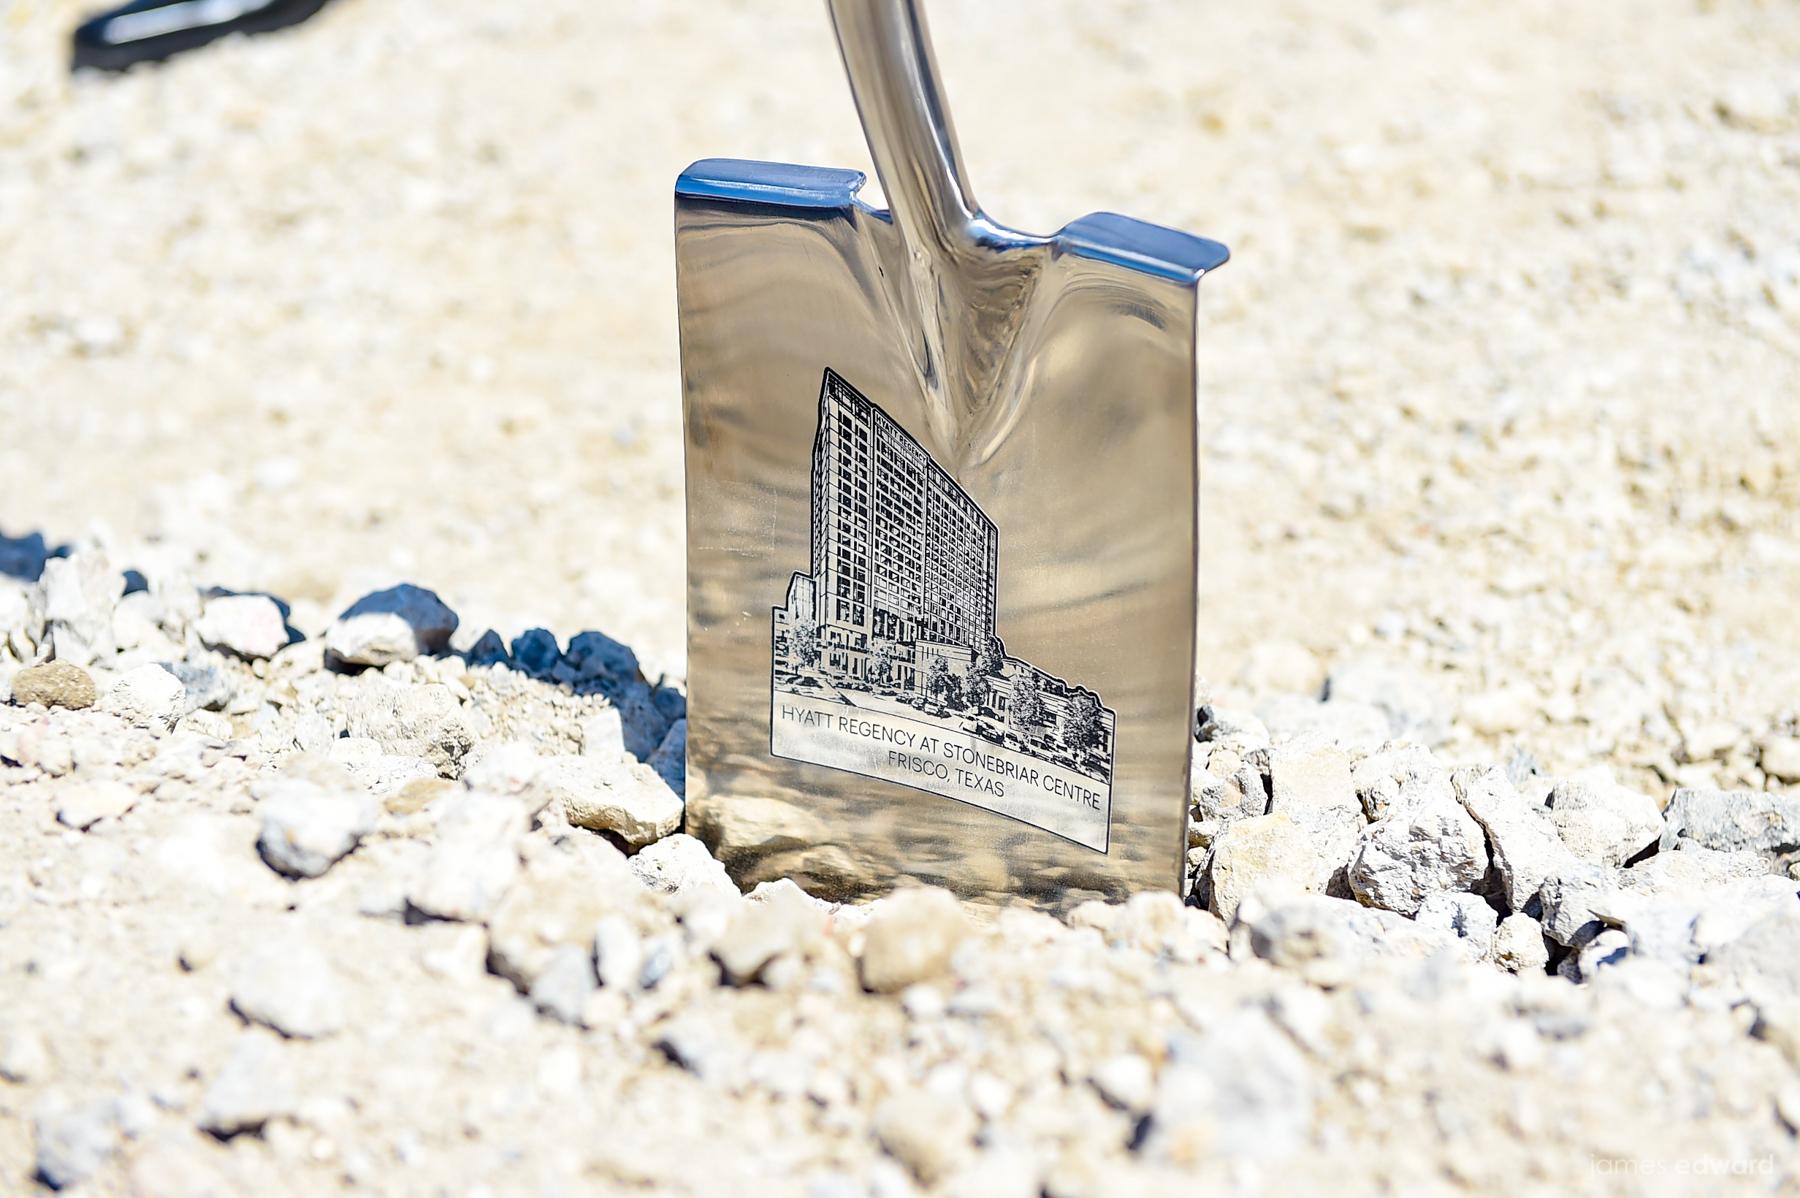 Hyatt Regency Stonebriar in Frisco groundbreaking shovel.jpg